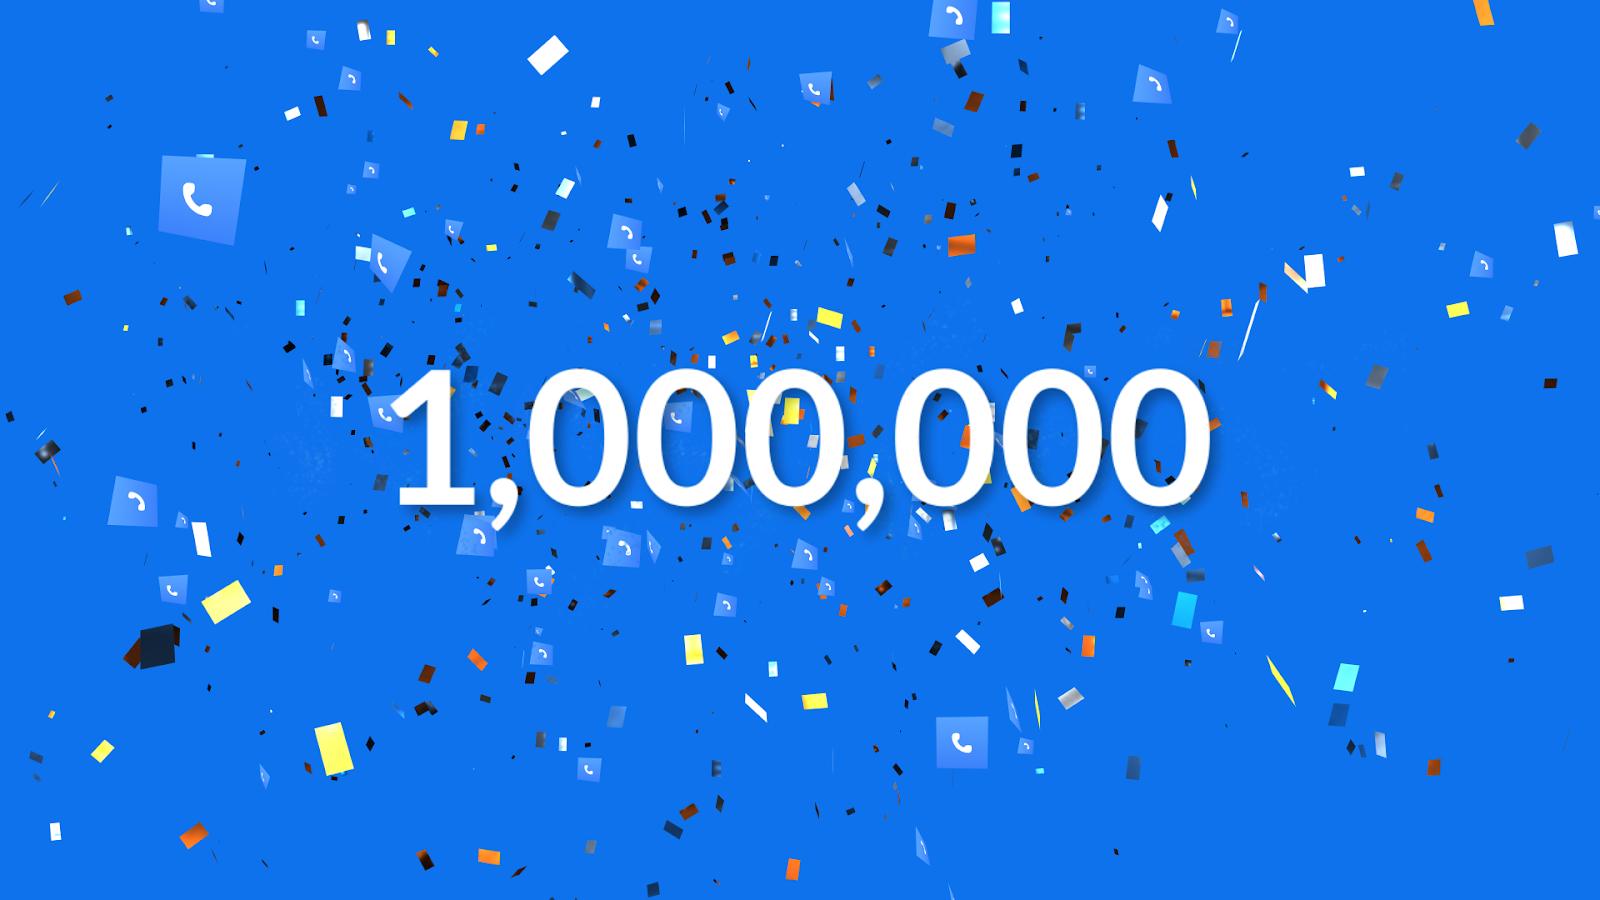 Zoom 達成一百萬個 Zoom Phone 席次里程碑